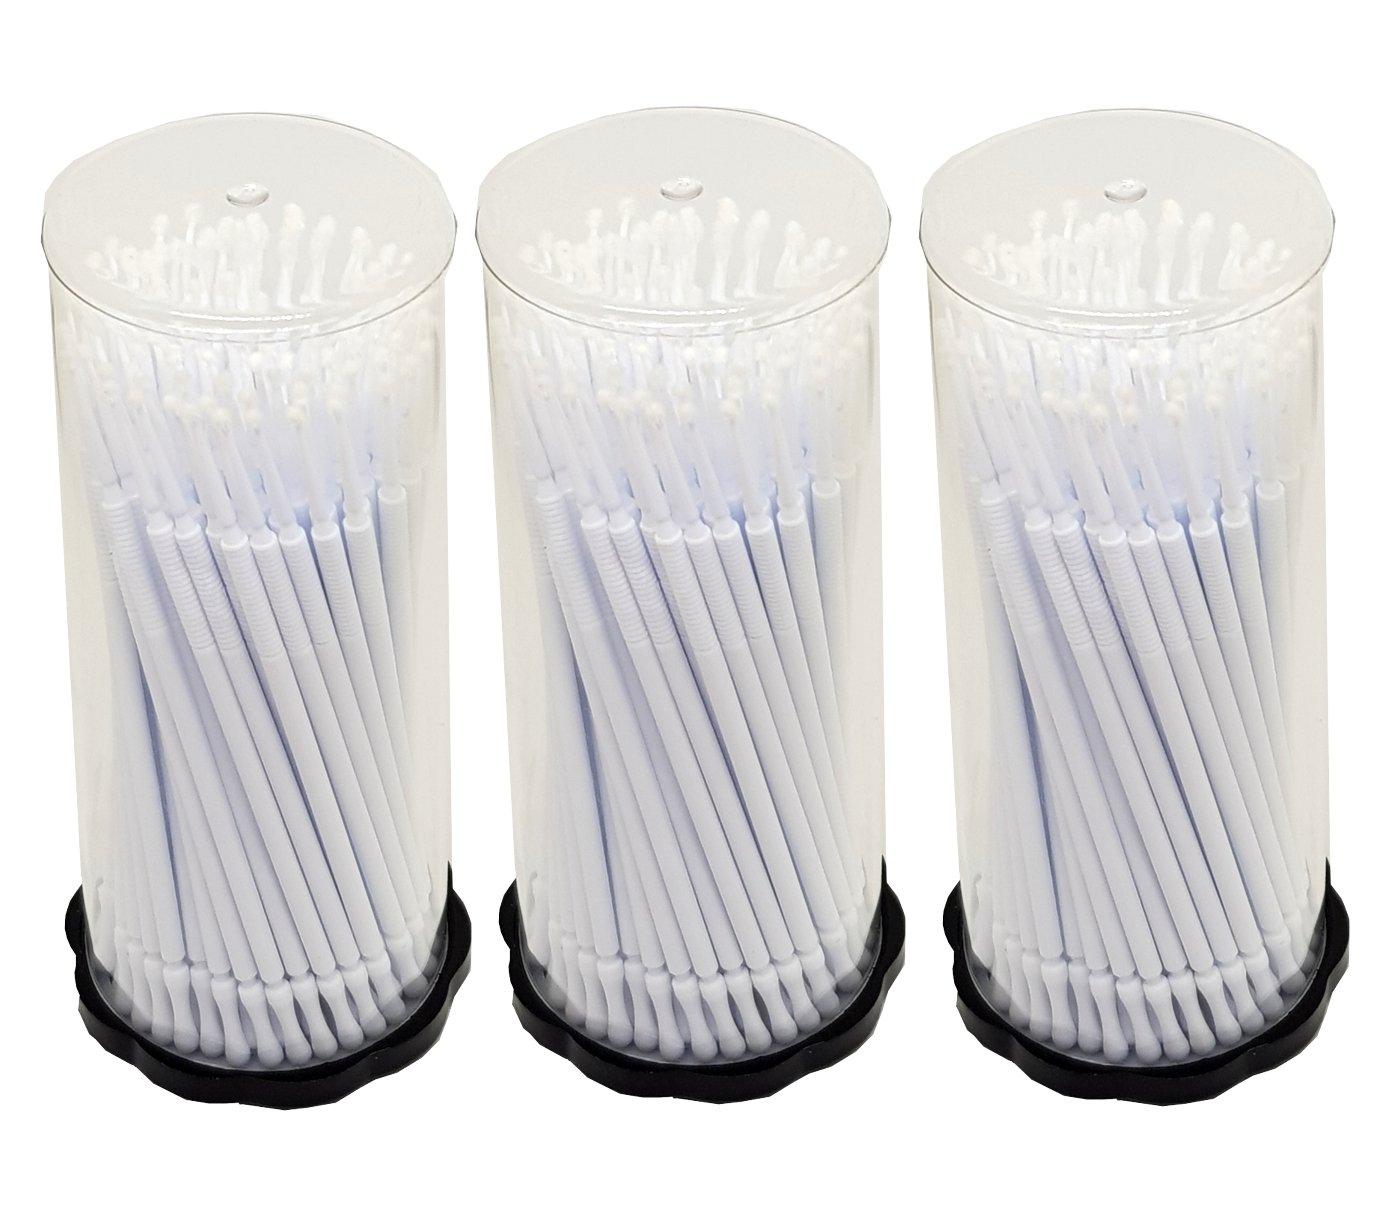 300pièces Lot de 3x 100Tube Applicateur en microfibre Bâtonnets de nettoyage de Blanc 1, 5mm pour extensions de cils Dermastil